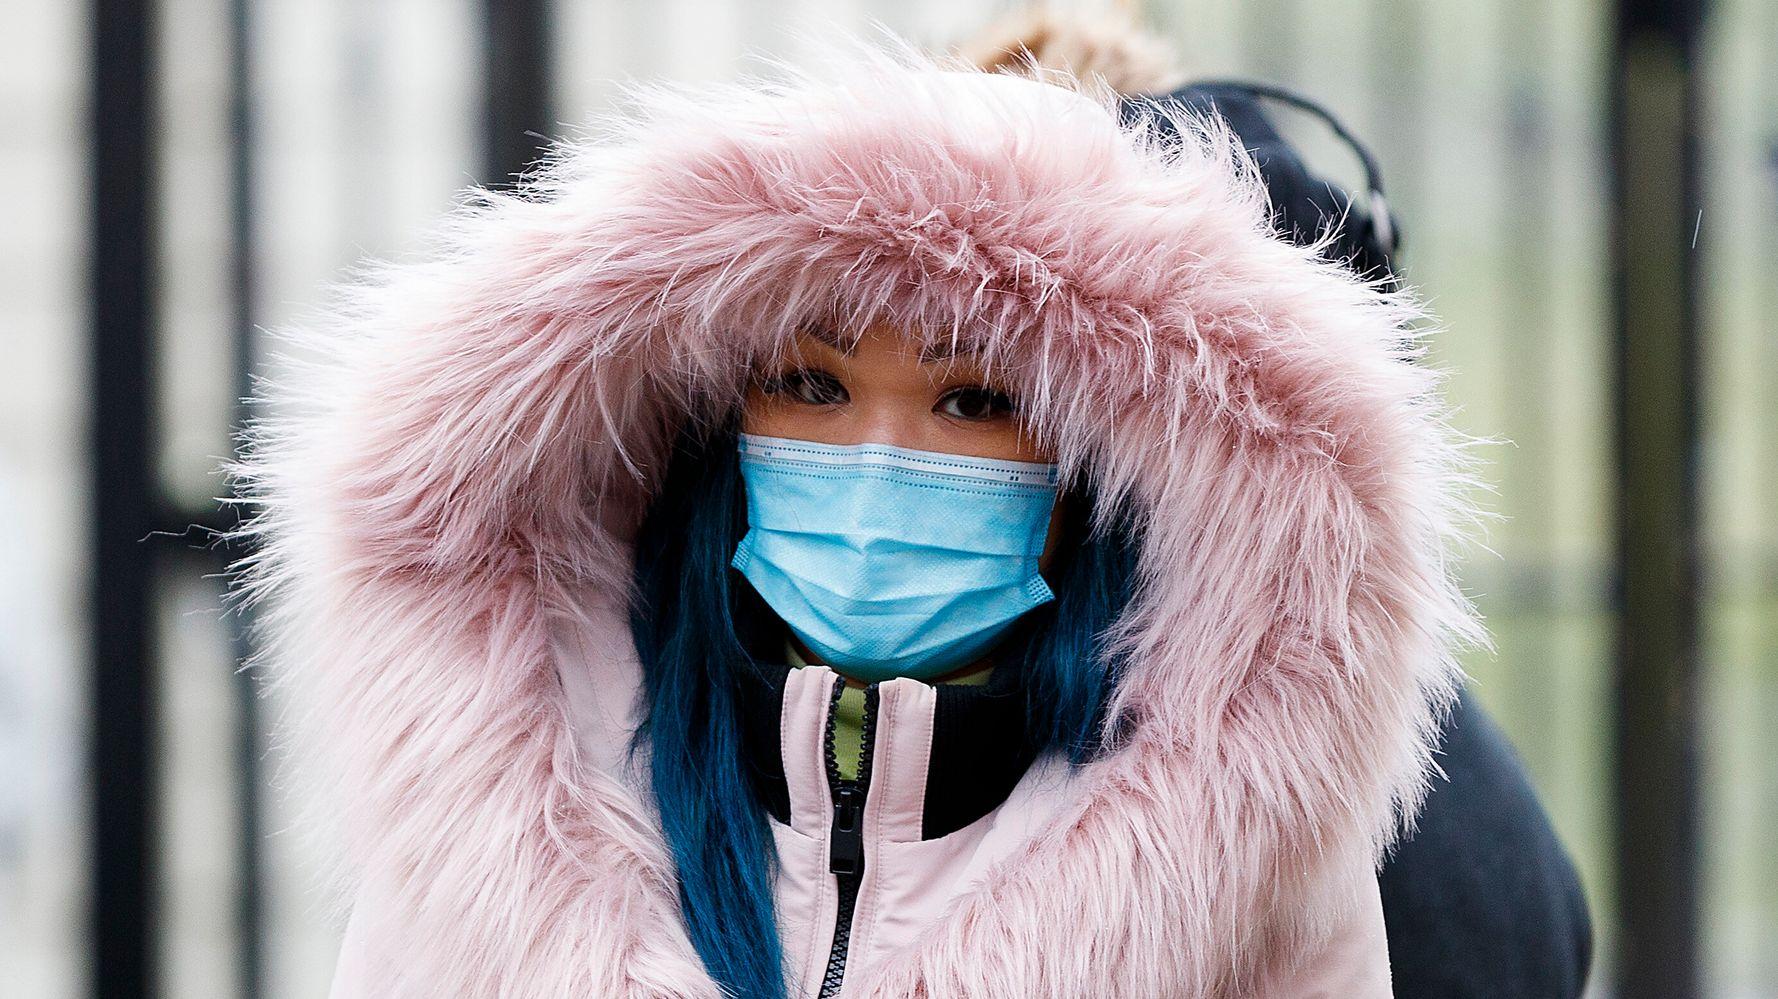 Как часто мы должны чистить одежду во время пандемии COVID-19?